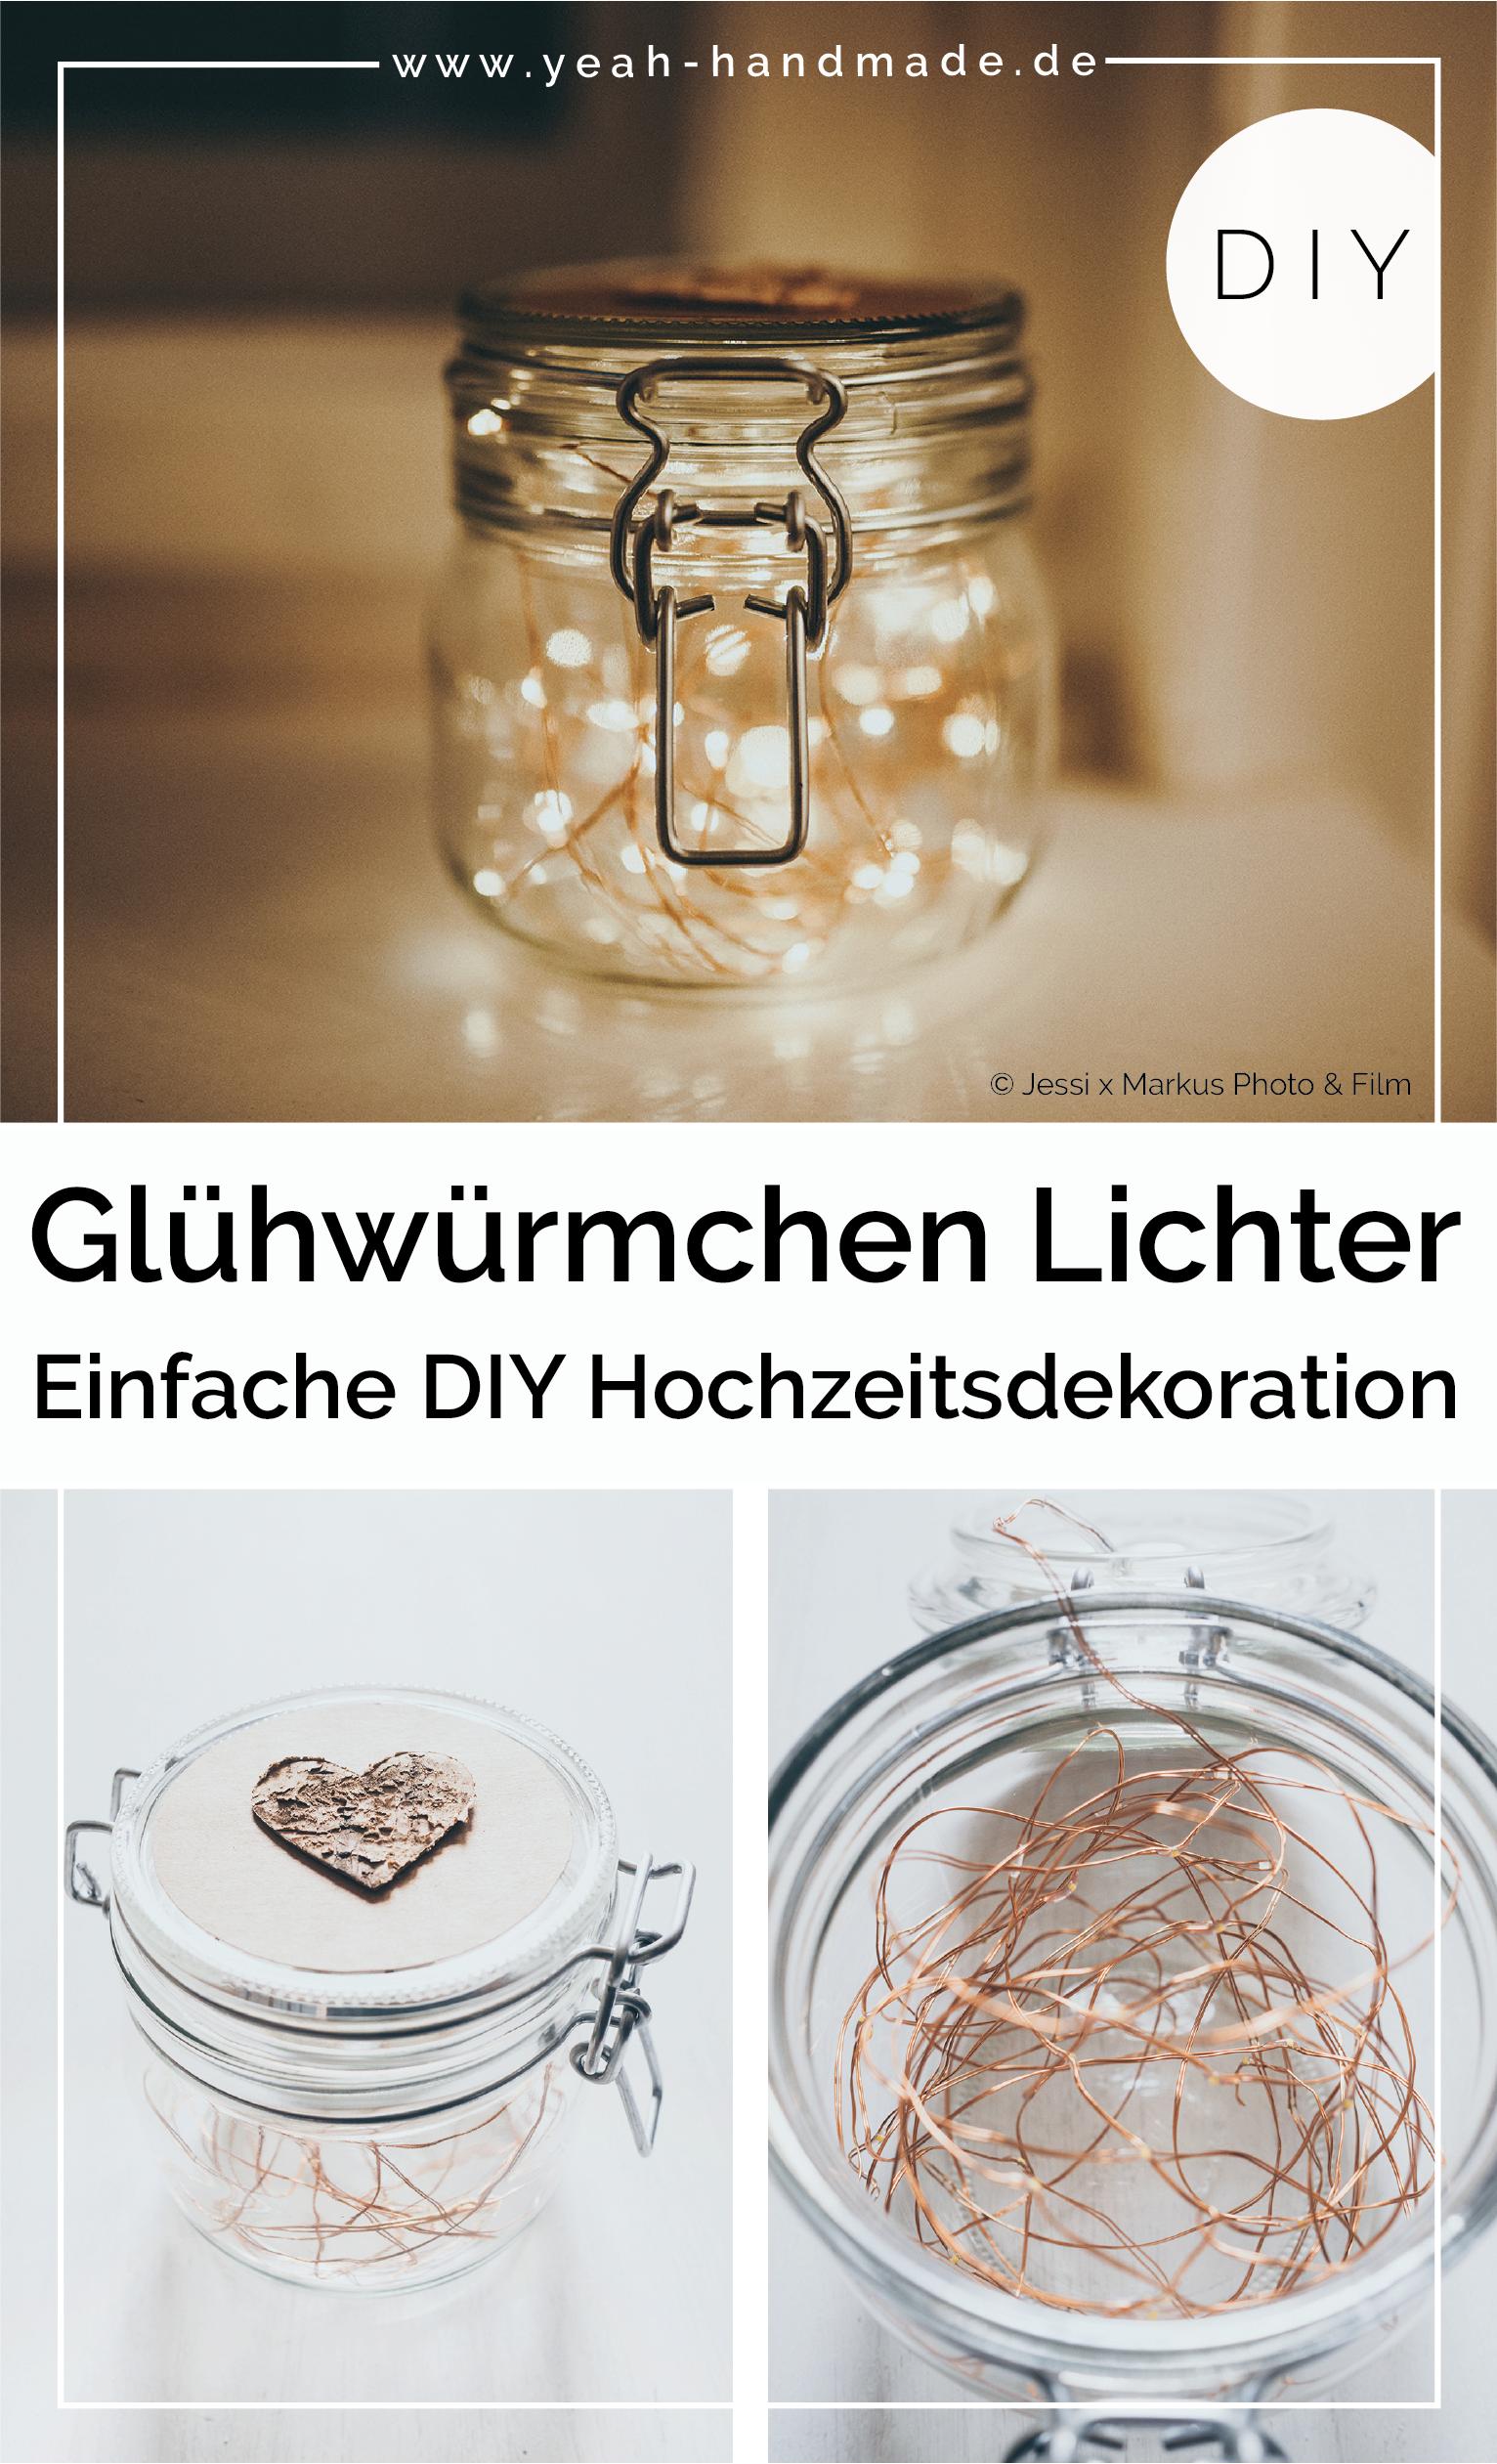 Diy Hochzeitsdeko Glaser Mit Gluhwurmchen Lichter D I Y